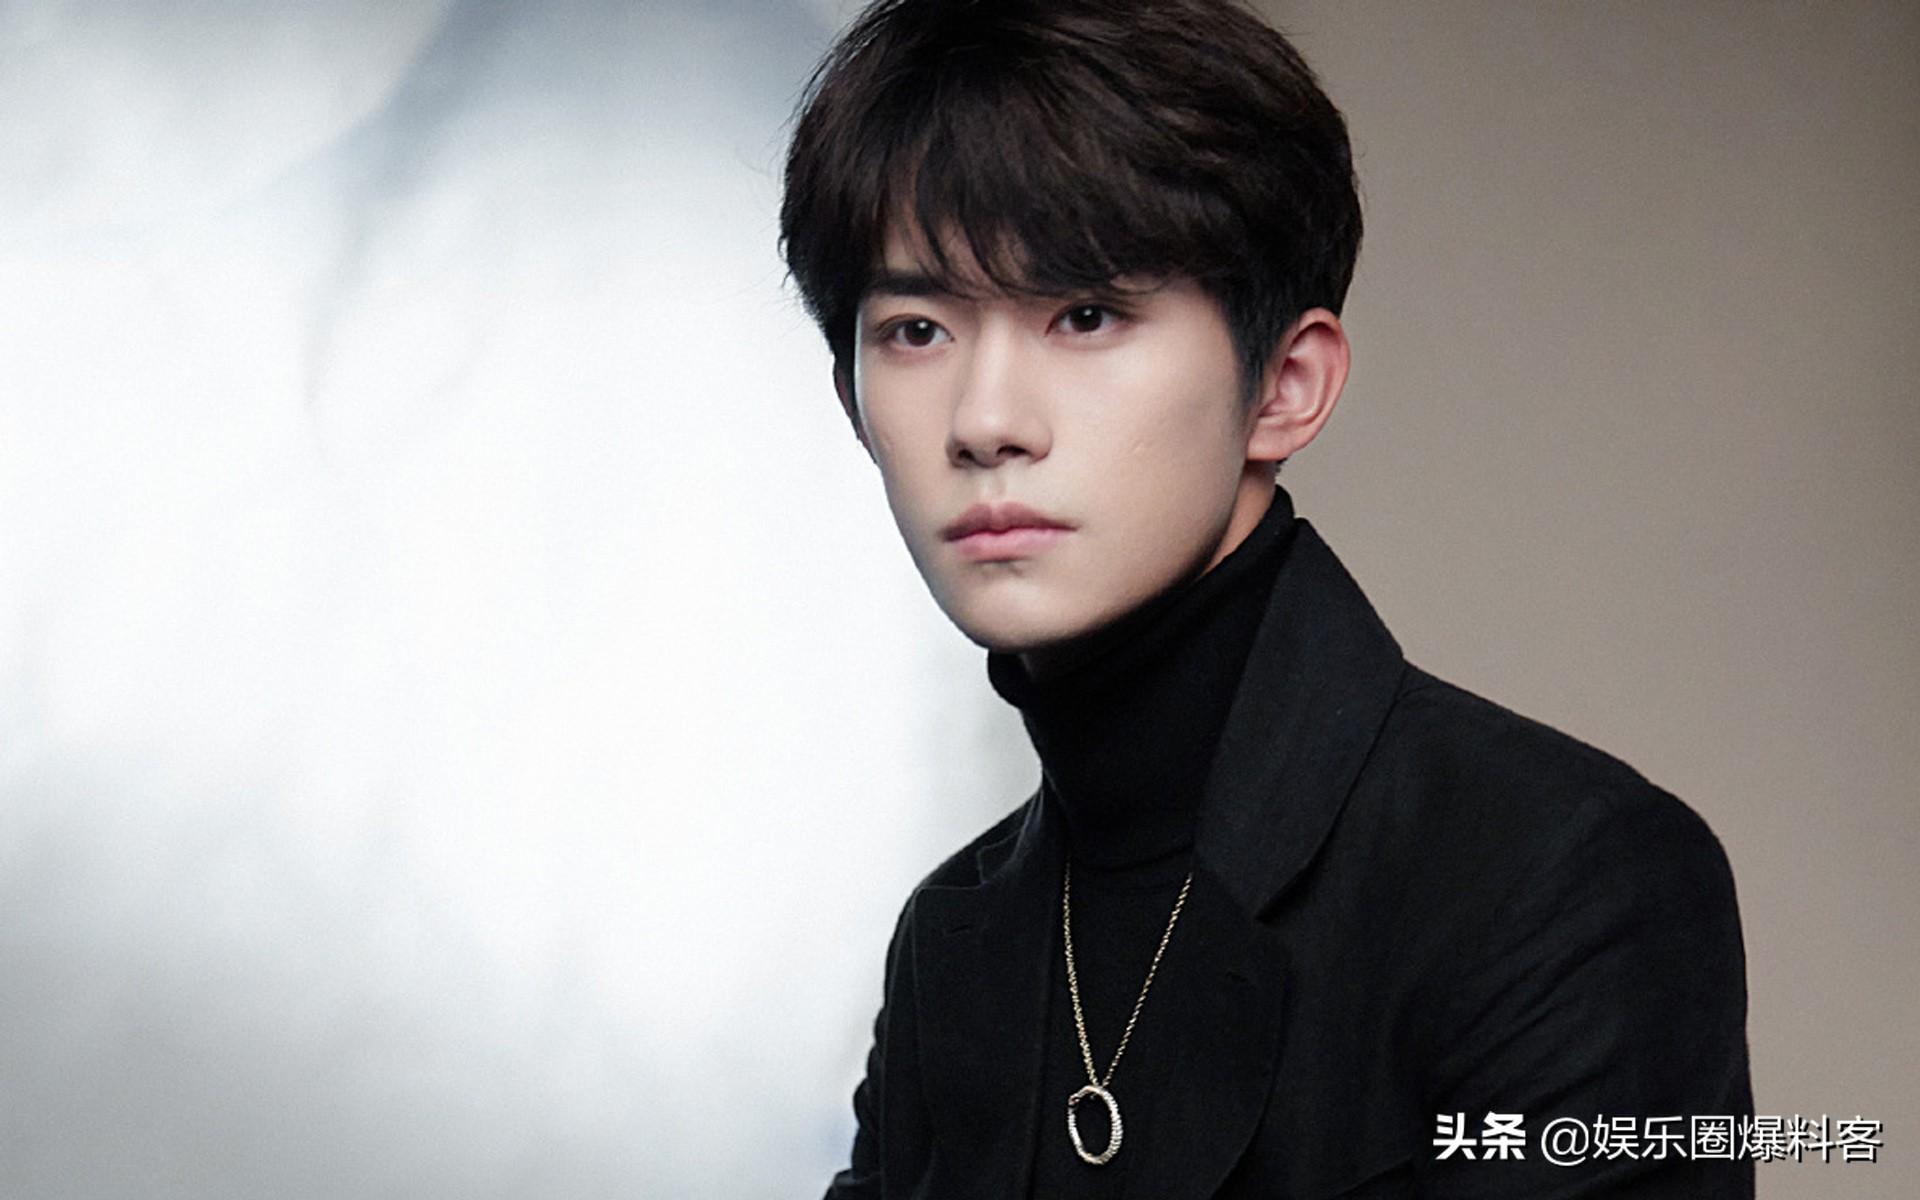 2020.5.28娱乐爆料:郑爽、李现、张云雷、范冰冰、任嘉伦、何炅